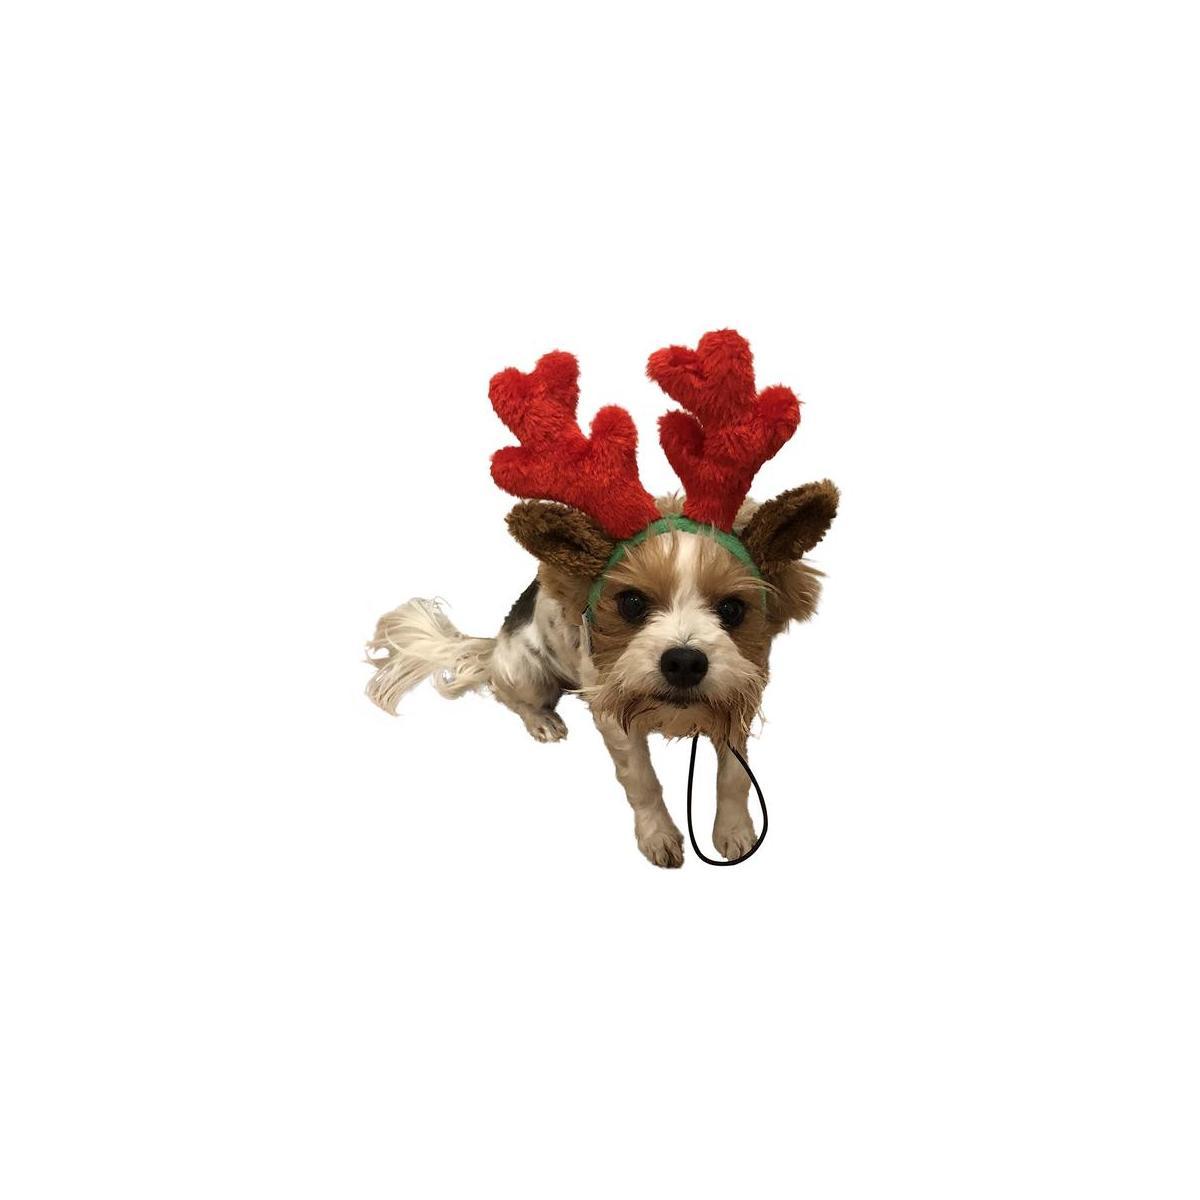 Christmas Reindeer Antlers- Small